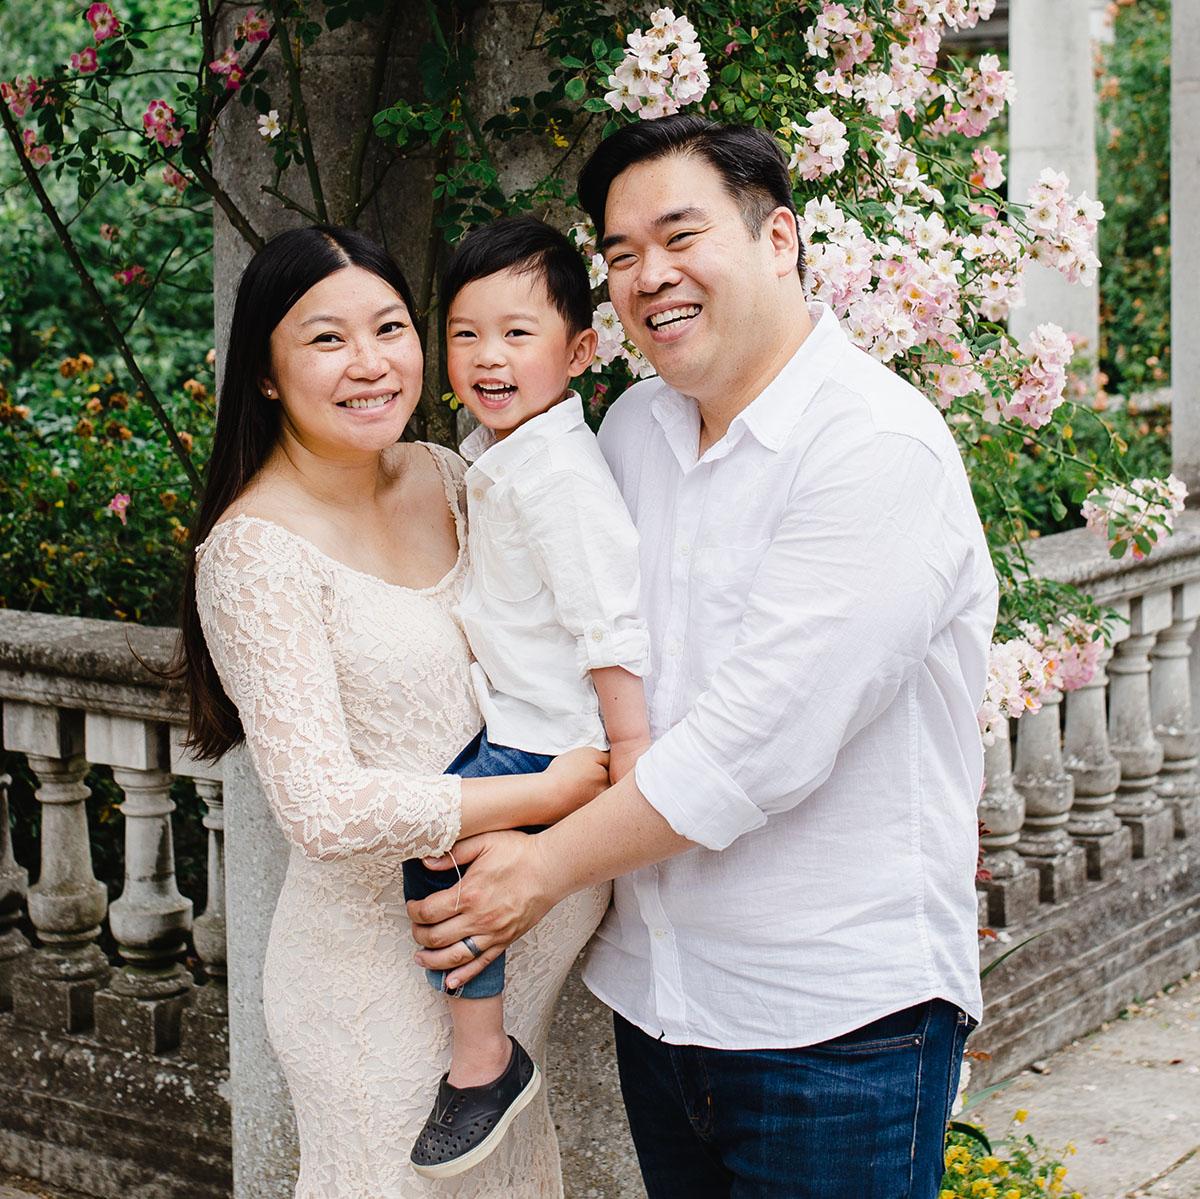 Family portrait happy kid